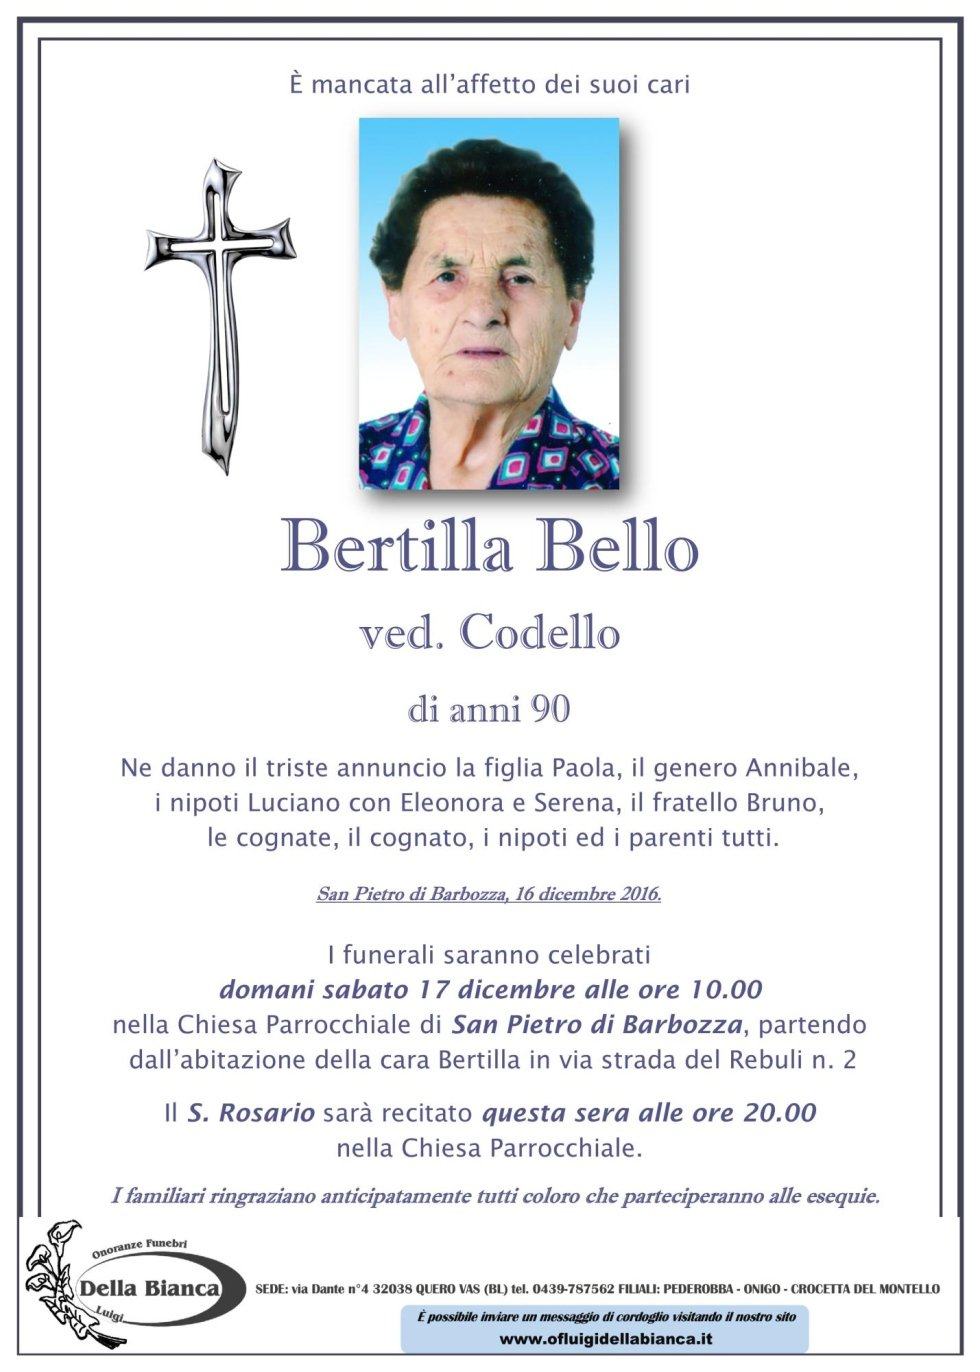 bello bertilla